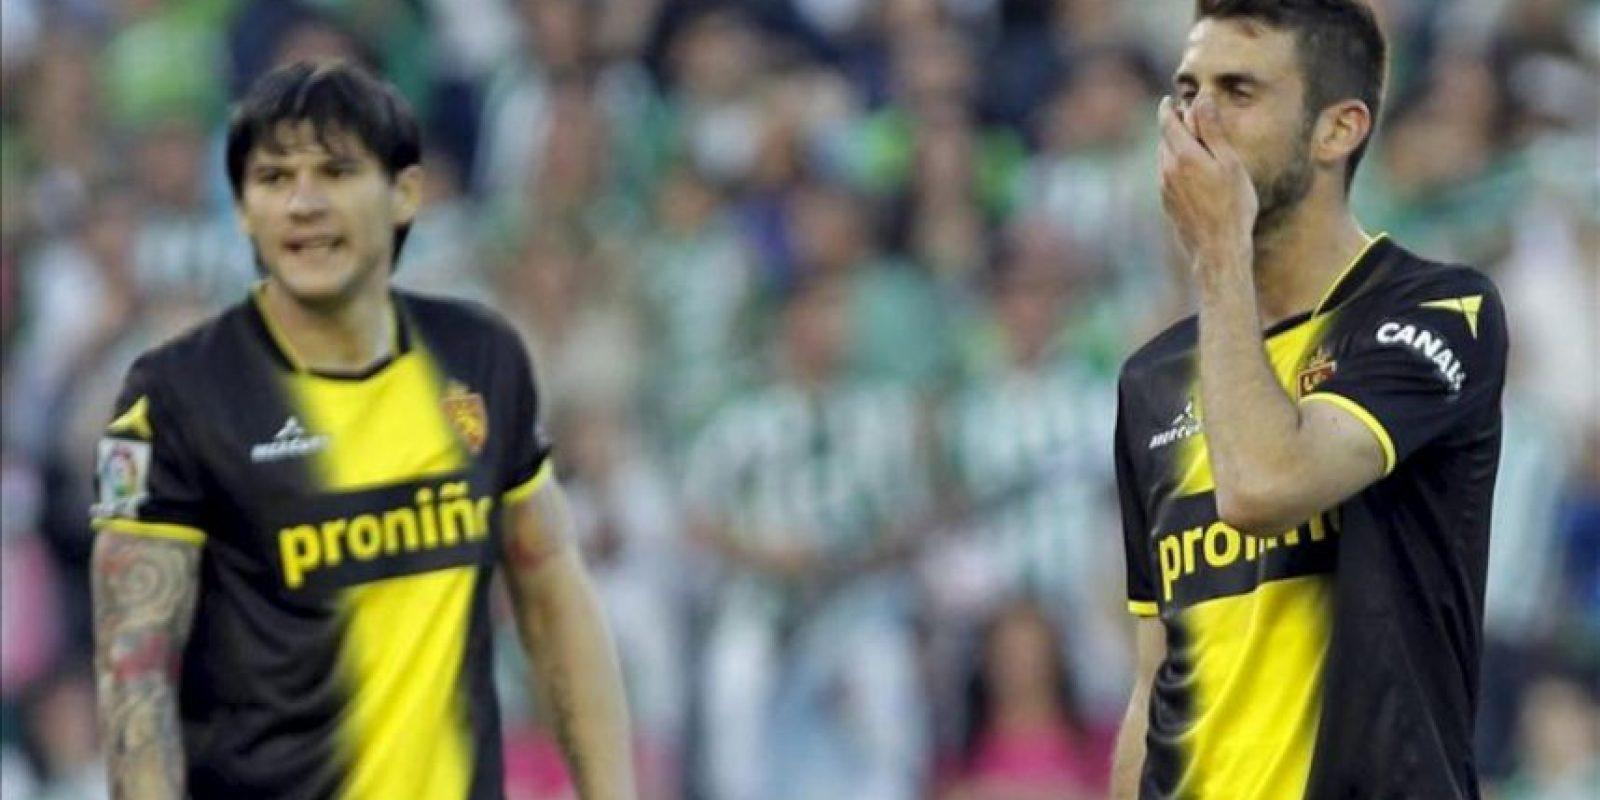 Los jugadores del Zaragoza Cristian Sapunaru (i) y José Marí Martín, tras encajar su equipo el tercer gol ante el Betis, en el partido de la trigésima séptima jornada de liga en Primera División en el estadio Benito Villamarín. EFE